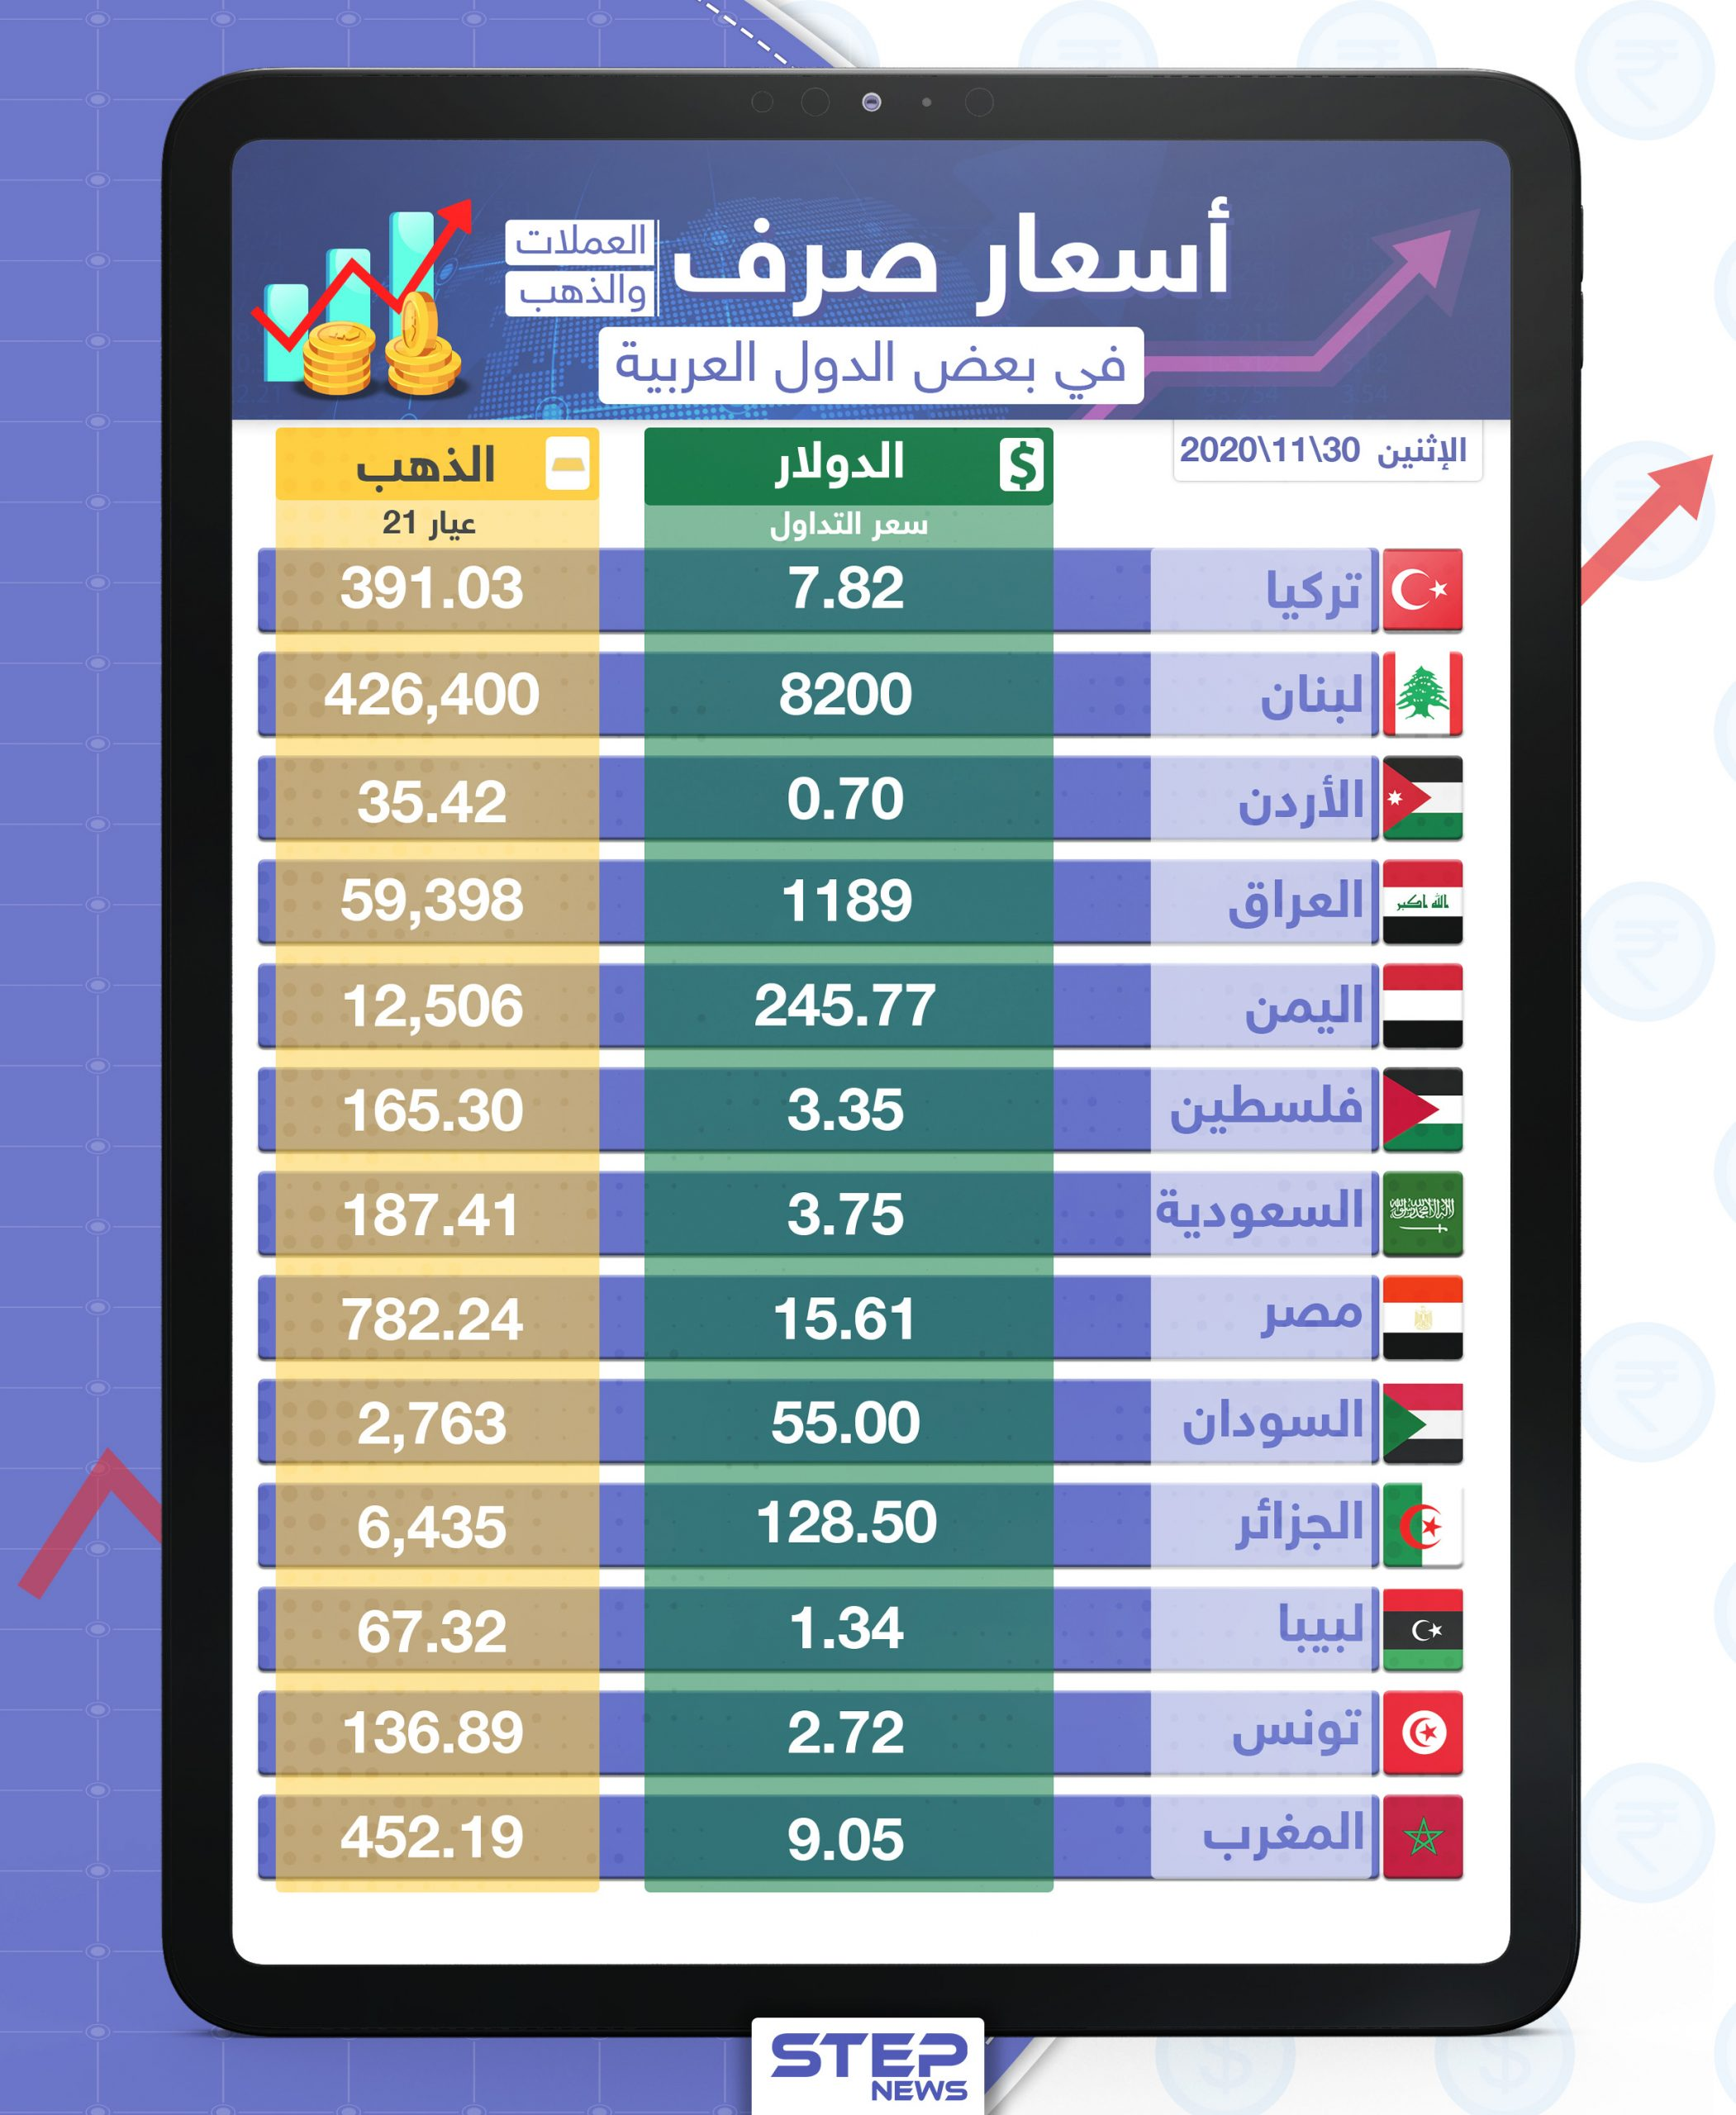 أسعار الذهب والعملات للدول العربية وتركيا اليوم الاثنين الموافق 30 تشرين الثاني 2020